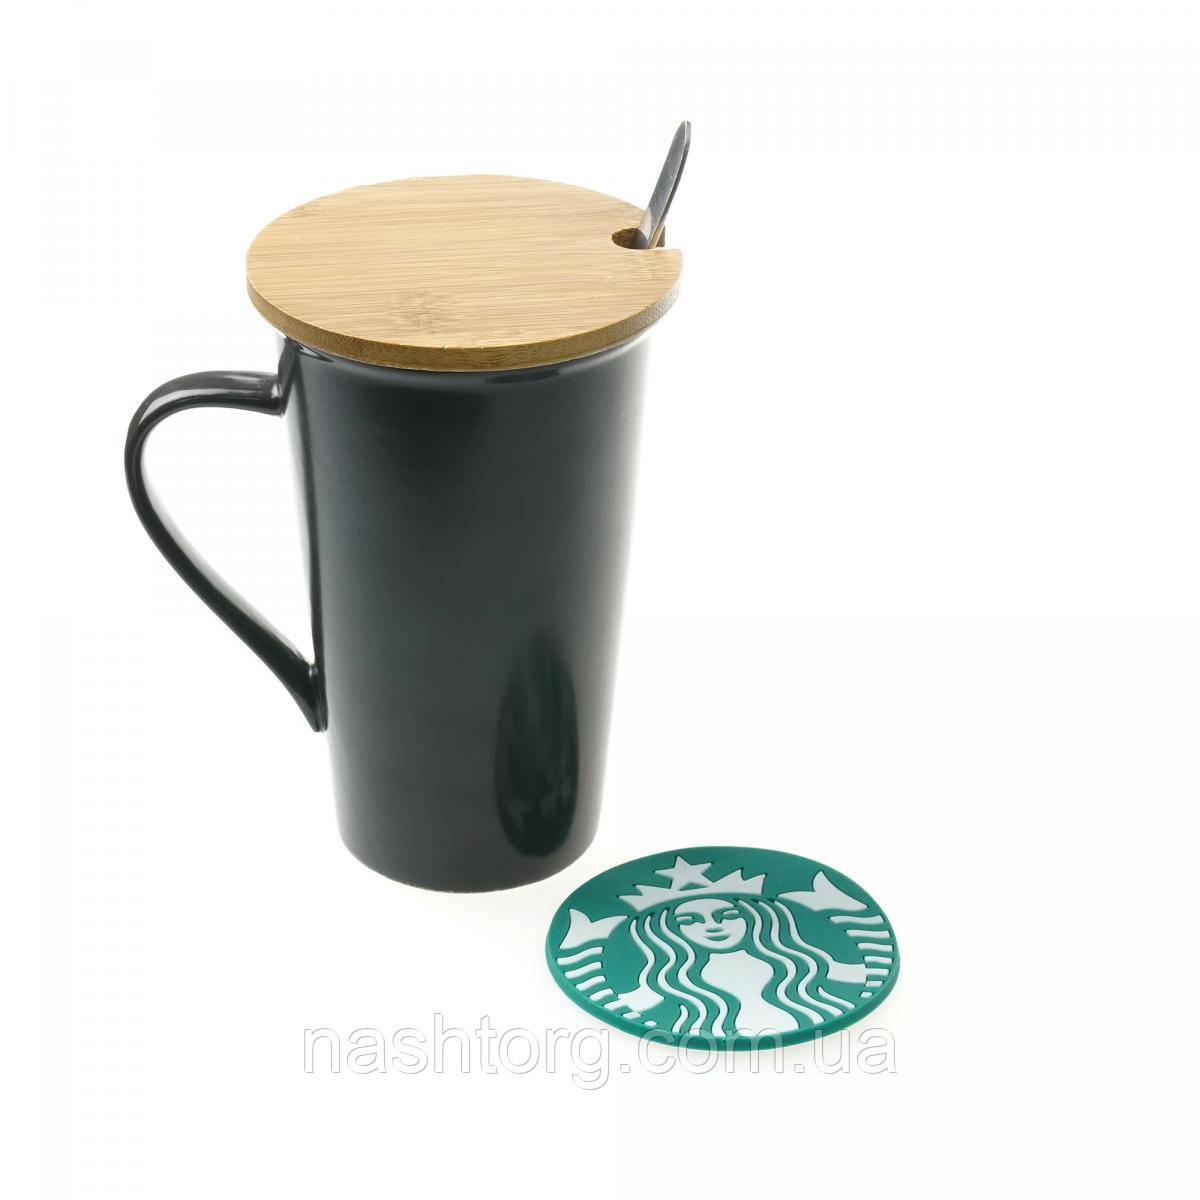 Набор Starbucks Memo: керамическая чашка 350 мл Черная, крышка, ложка, подставка, маркер